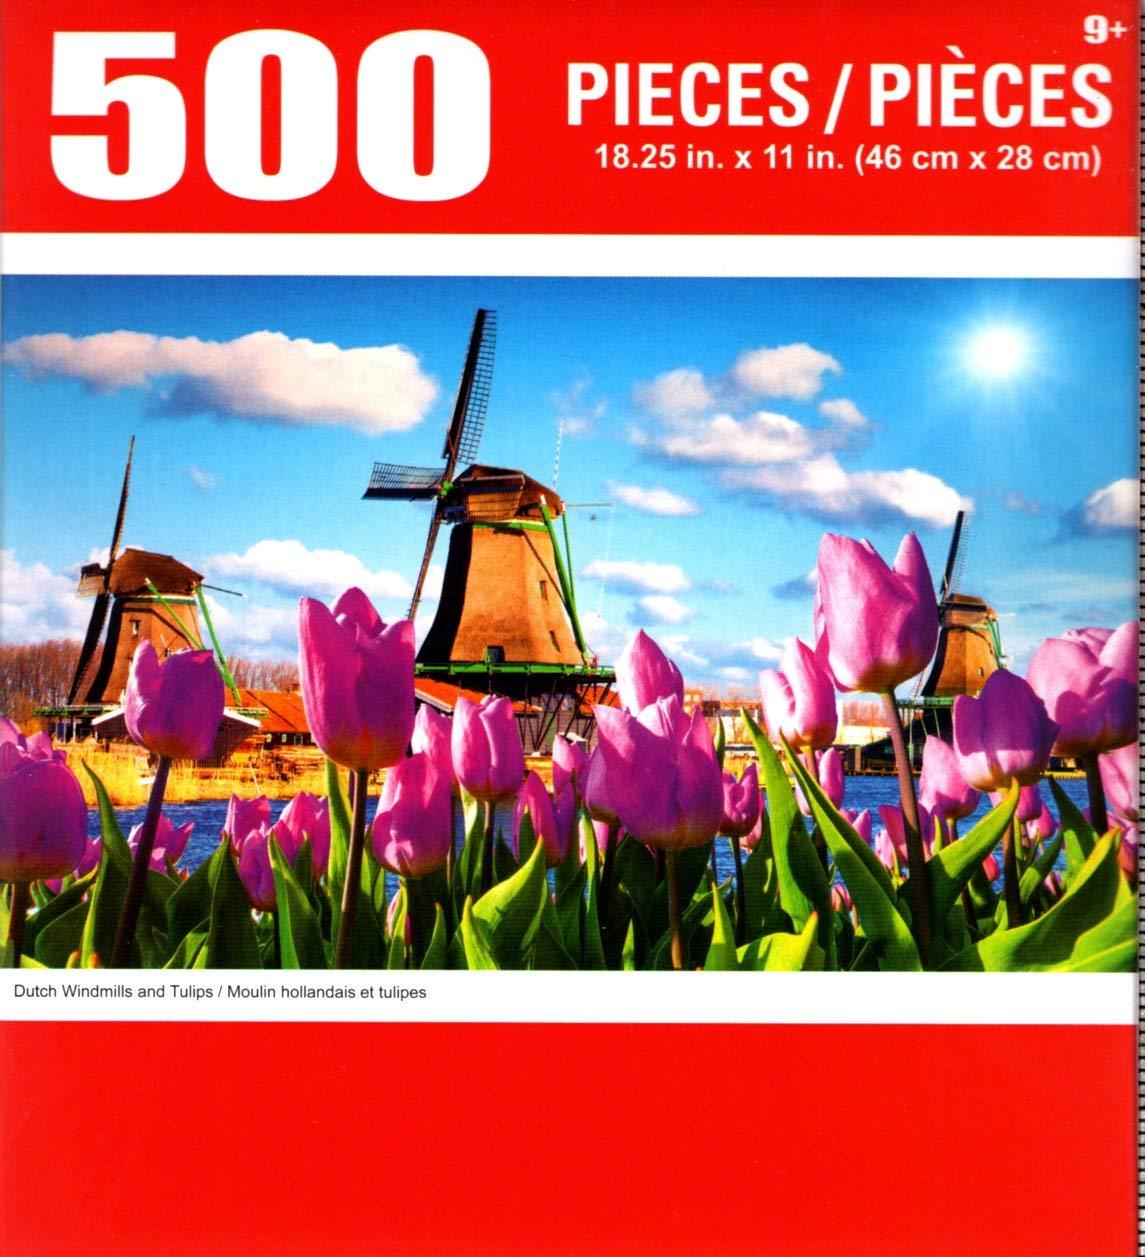 お待たせ! Cra-Z-Art B07G8MX3NP 500ピース ダッチウインドミル チューリップ 500ピース Cra-Z-Art ジグソーパズル B07G8MX3NP, 大きいサイズの下着店ミセスエール:0a5c4996 --- a0267596.xsph.ru